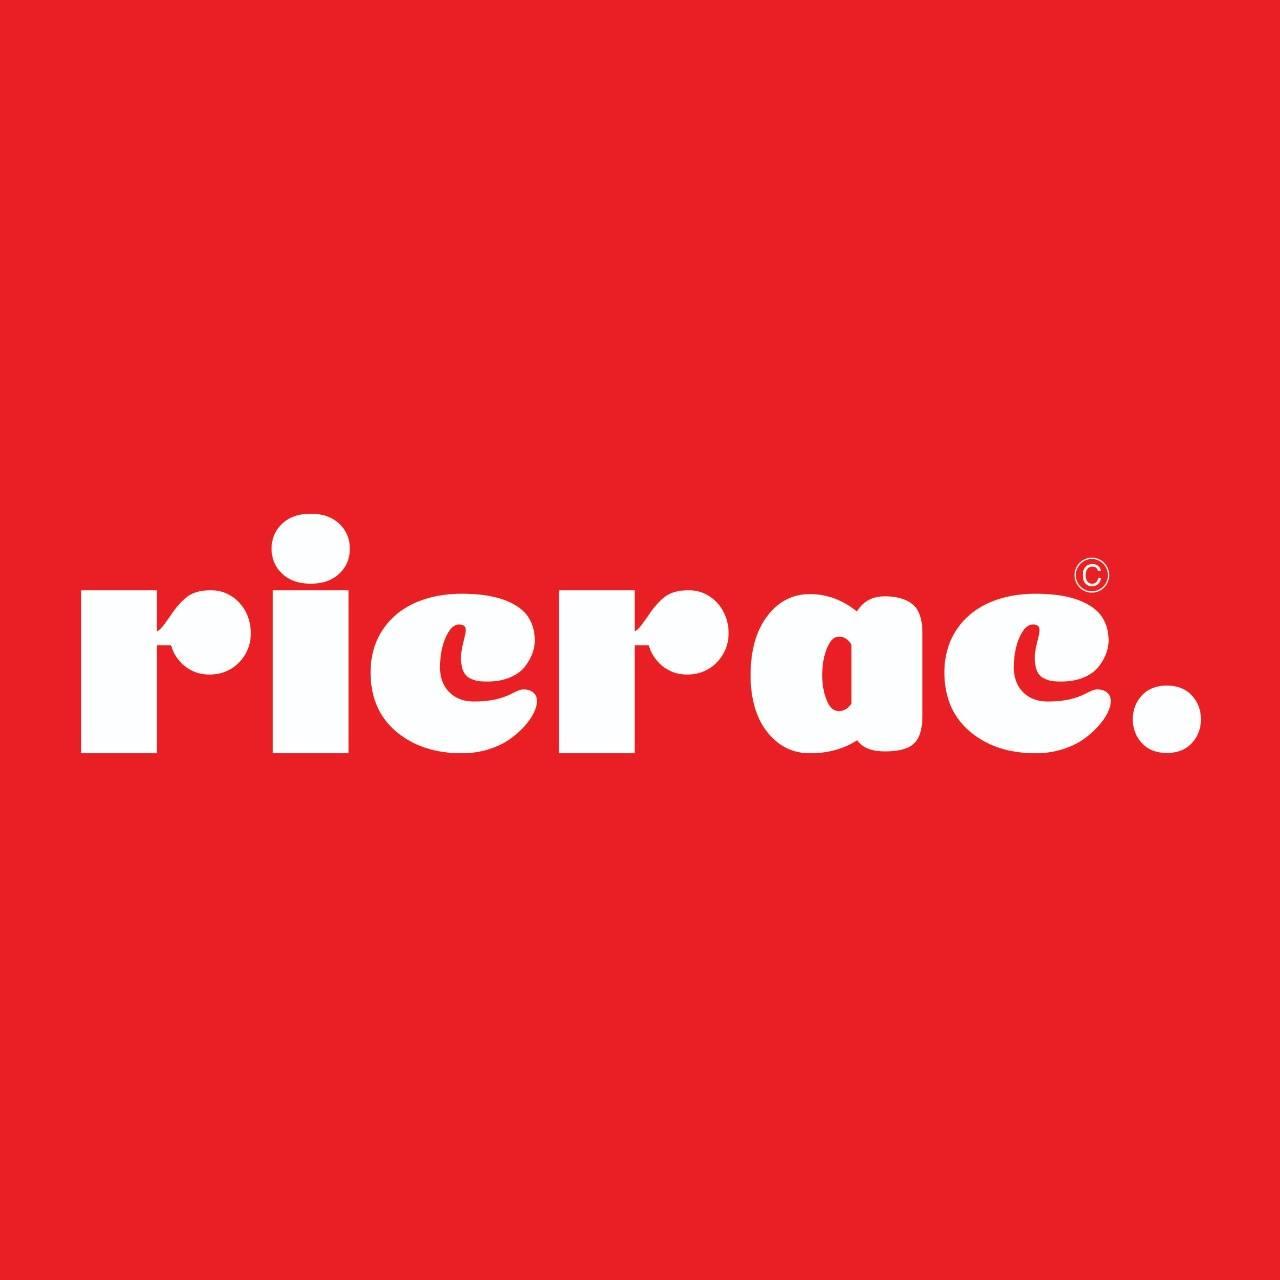 ريك راك Ricrac